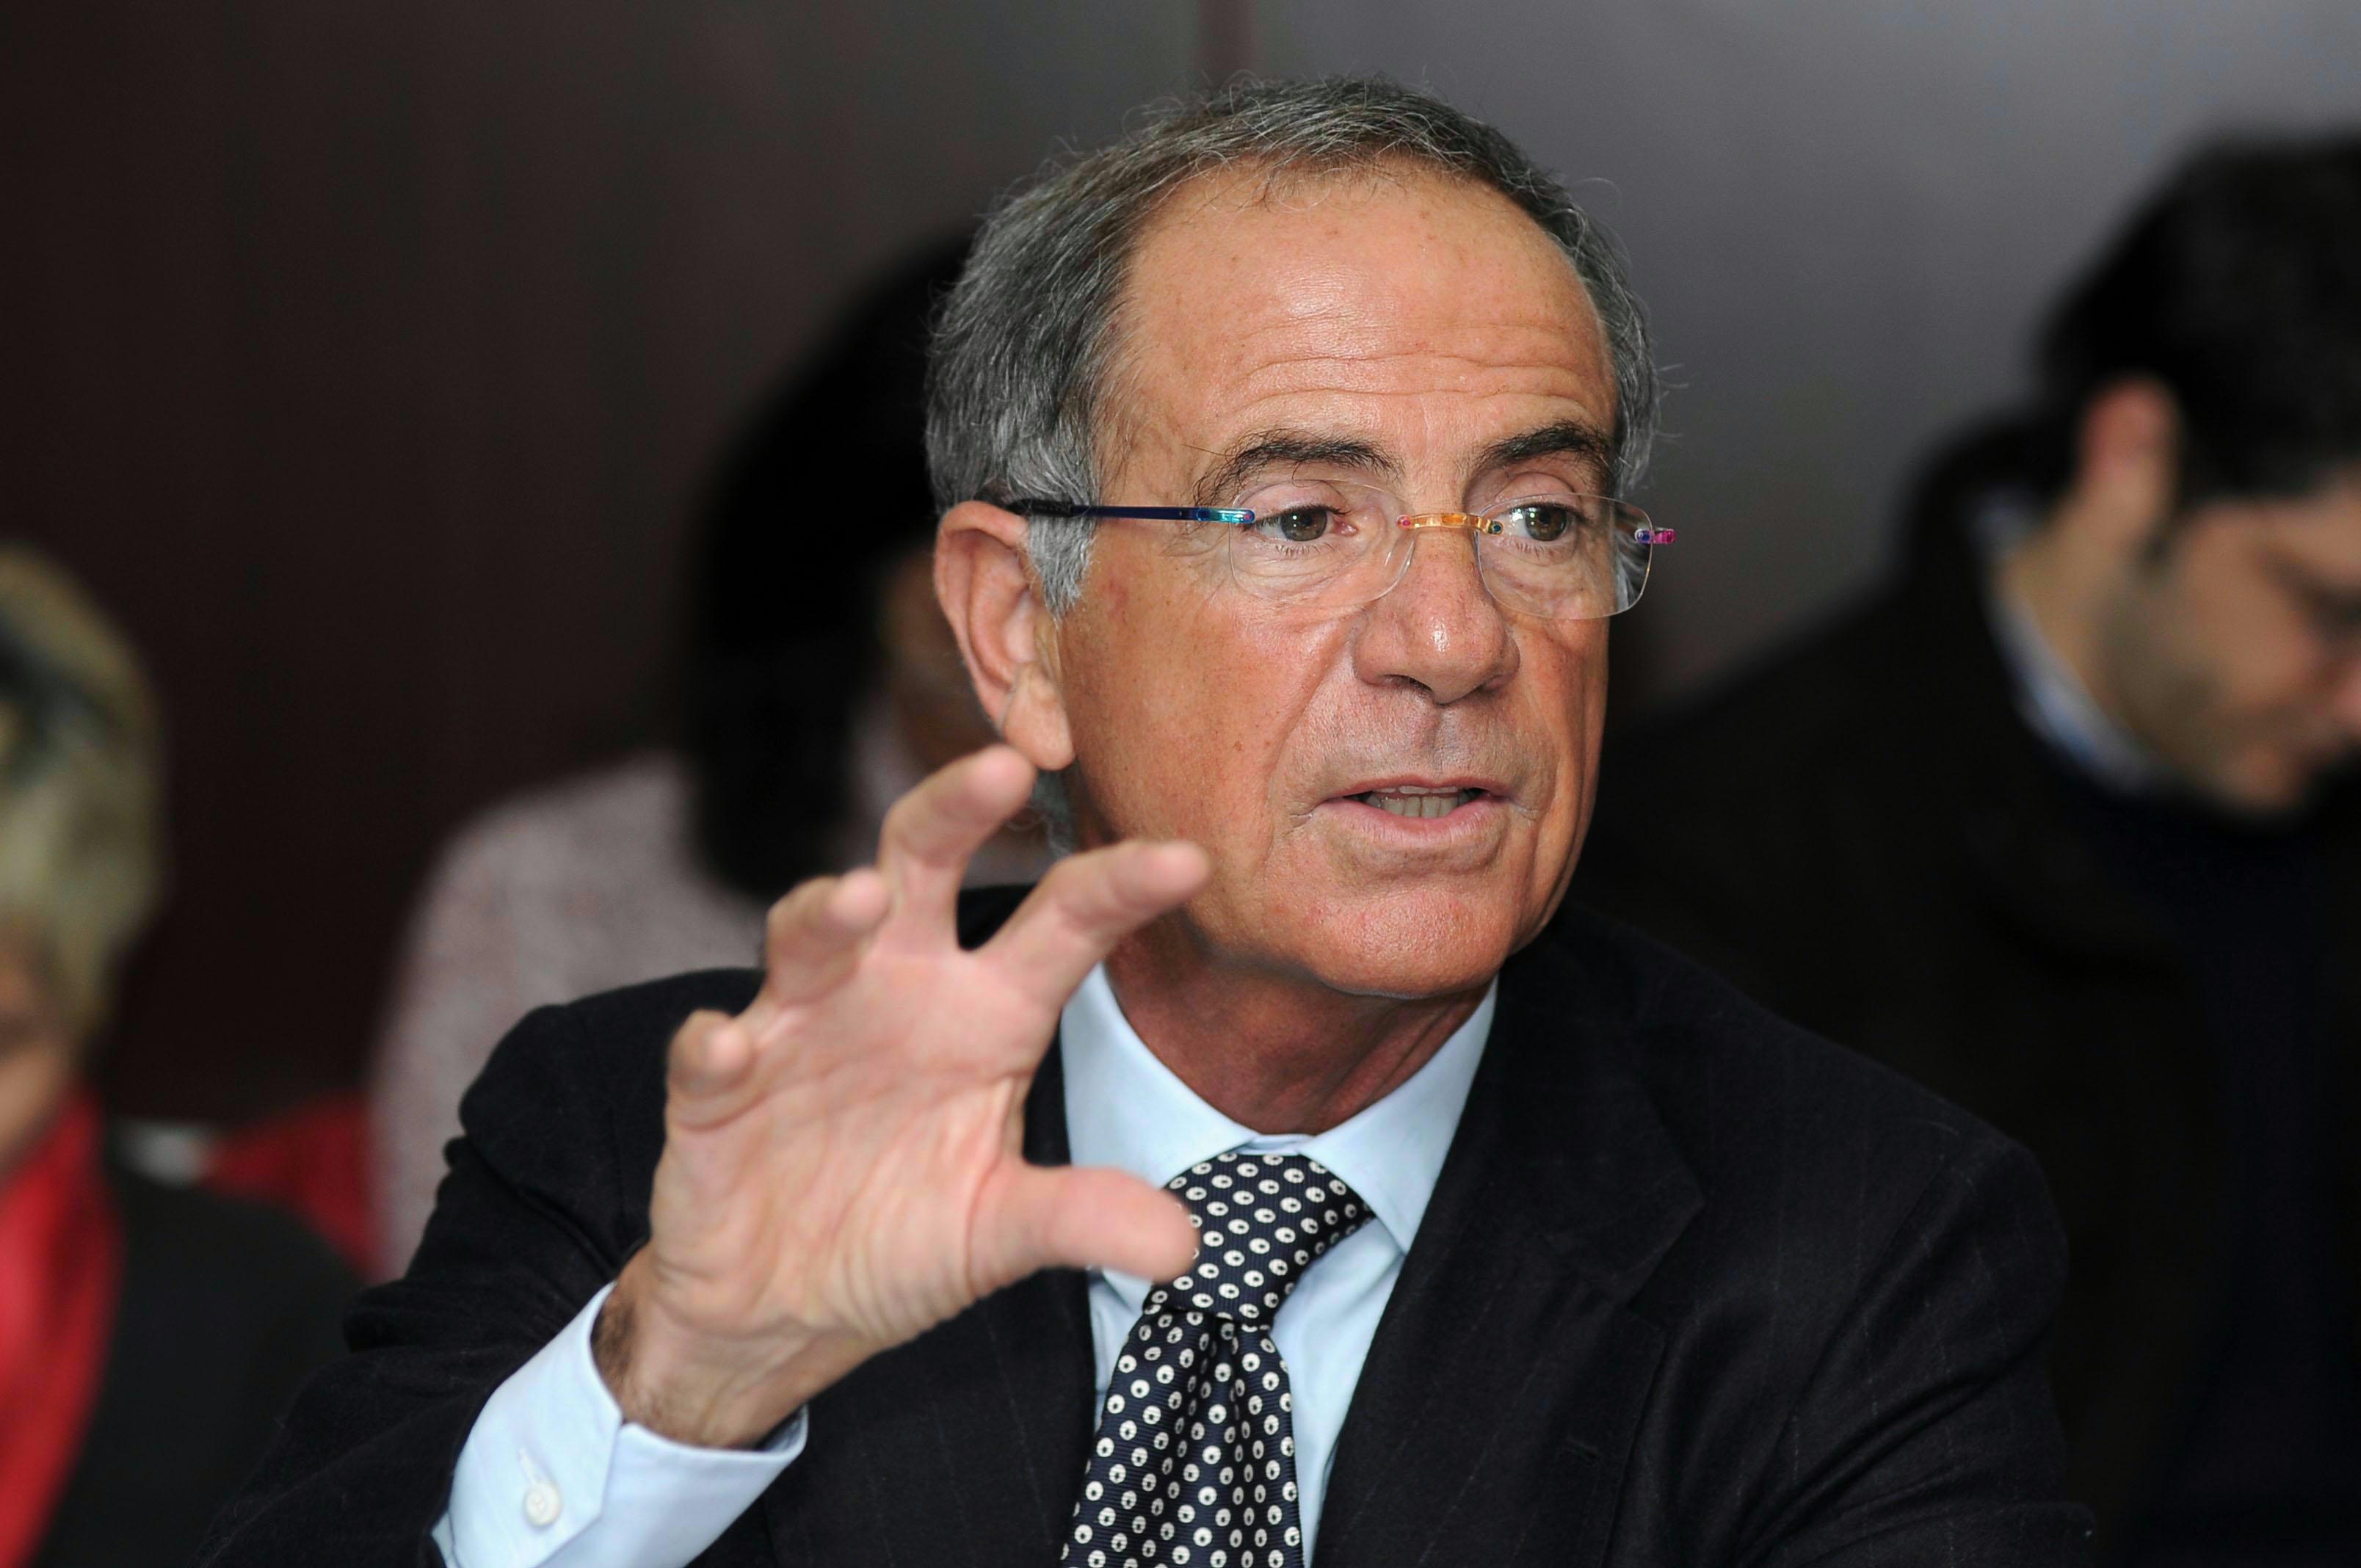 Elezioni-comunali-Bari-2014-candidatura-di-Di-Paola-in-bilico?